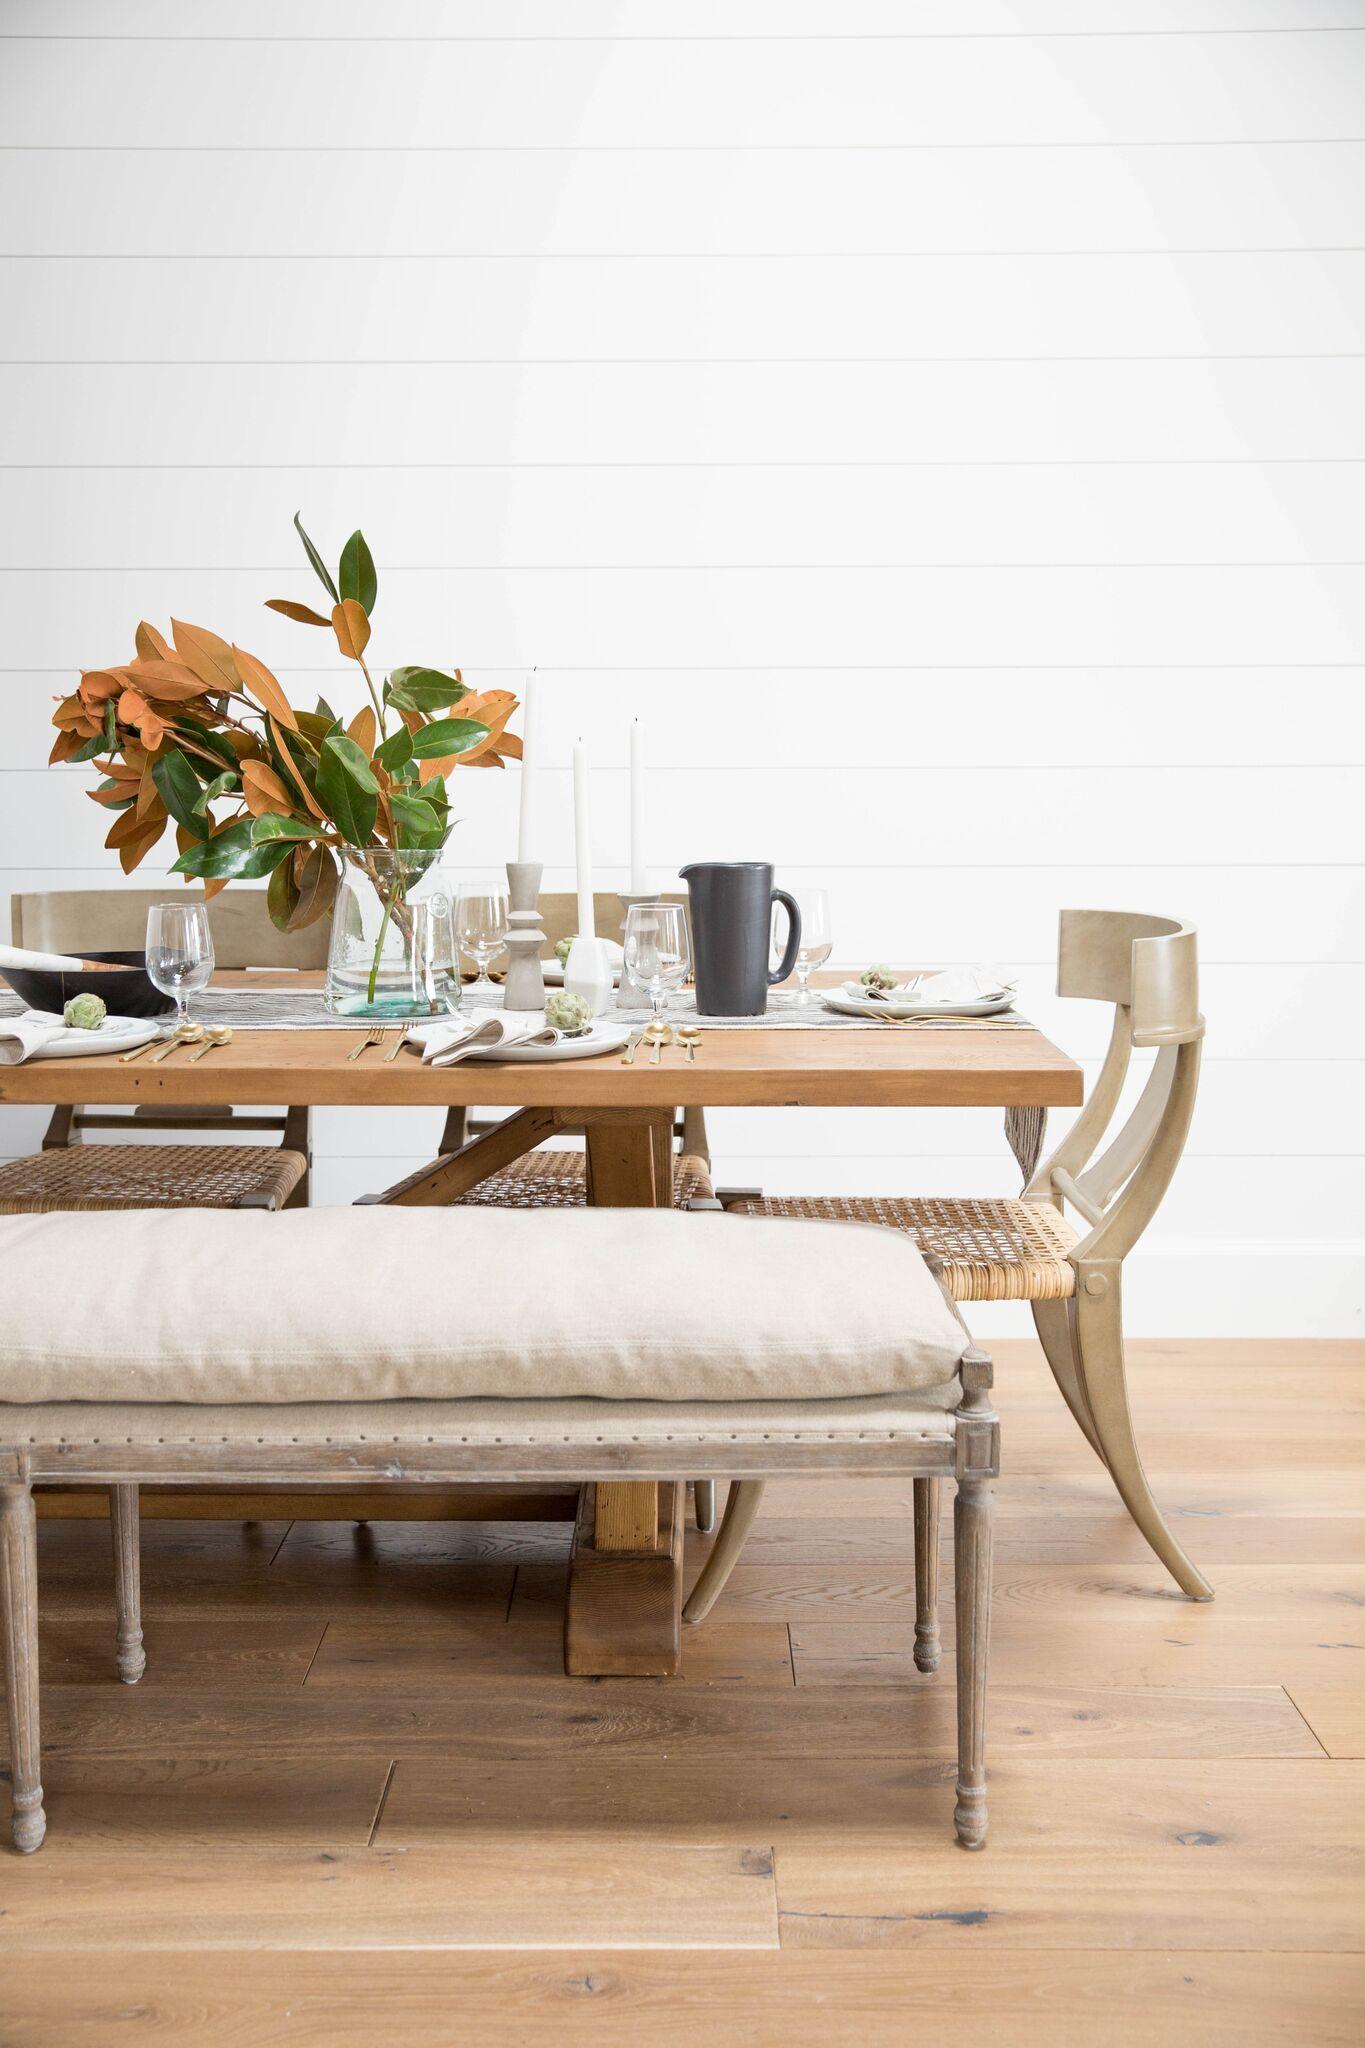 table runner setting for a dinner party studio mcgee blog dining rh pinterest com